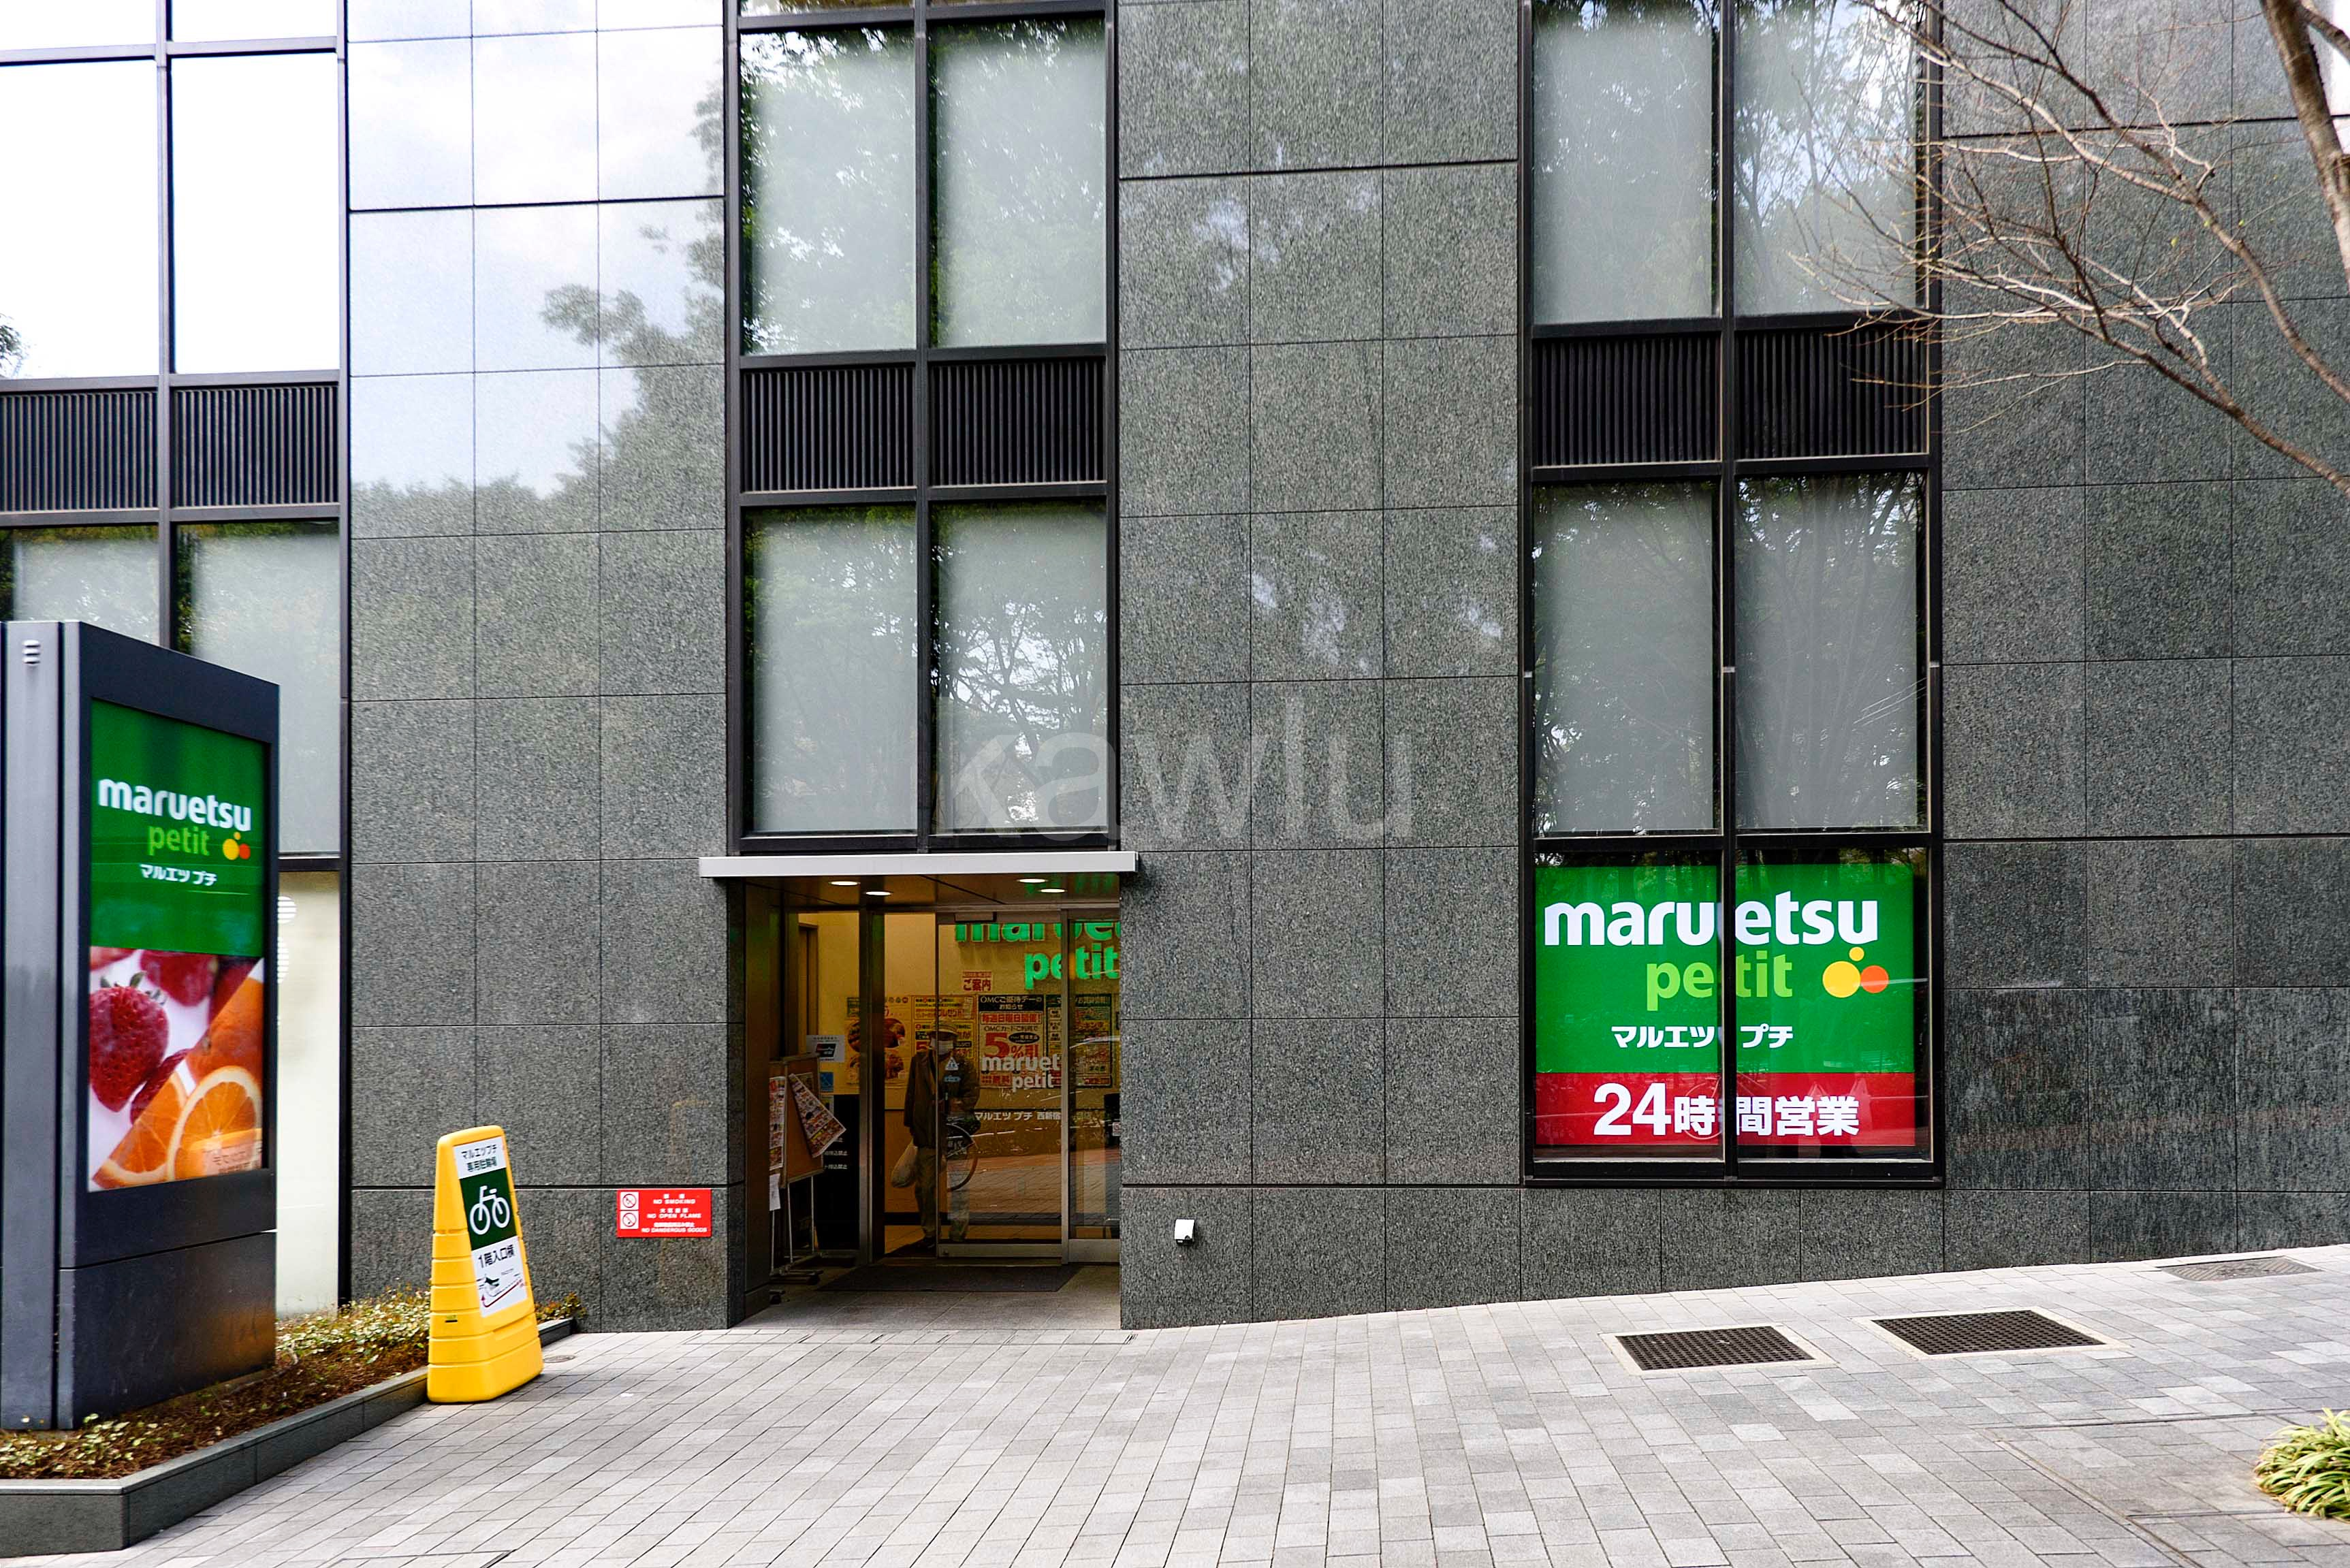 セントラルパークタワーラトゥール新宿_マルエツ